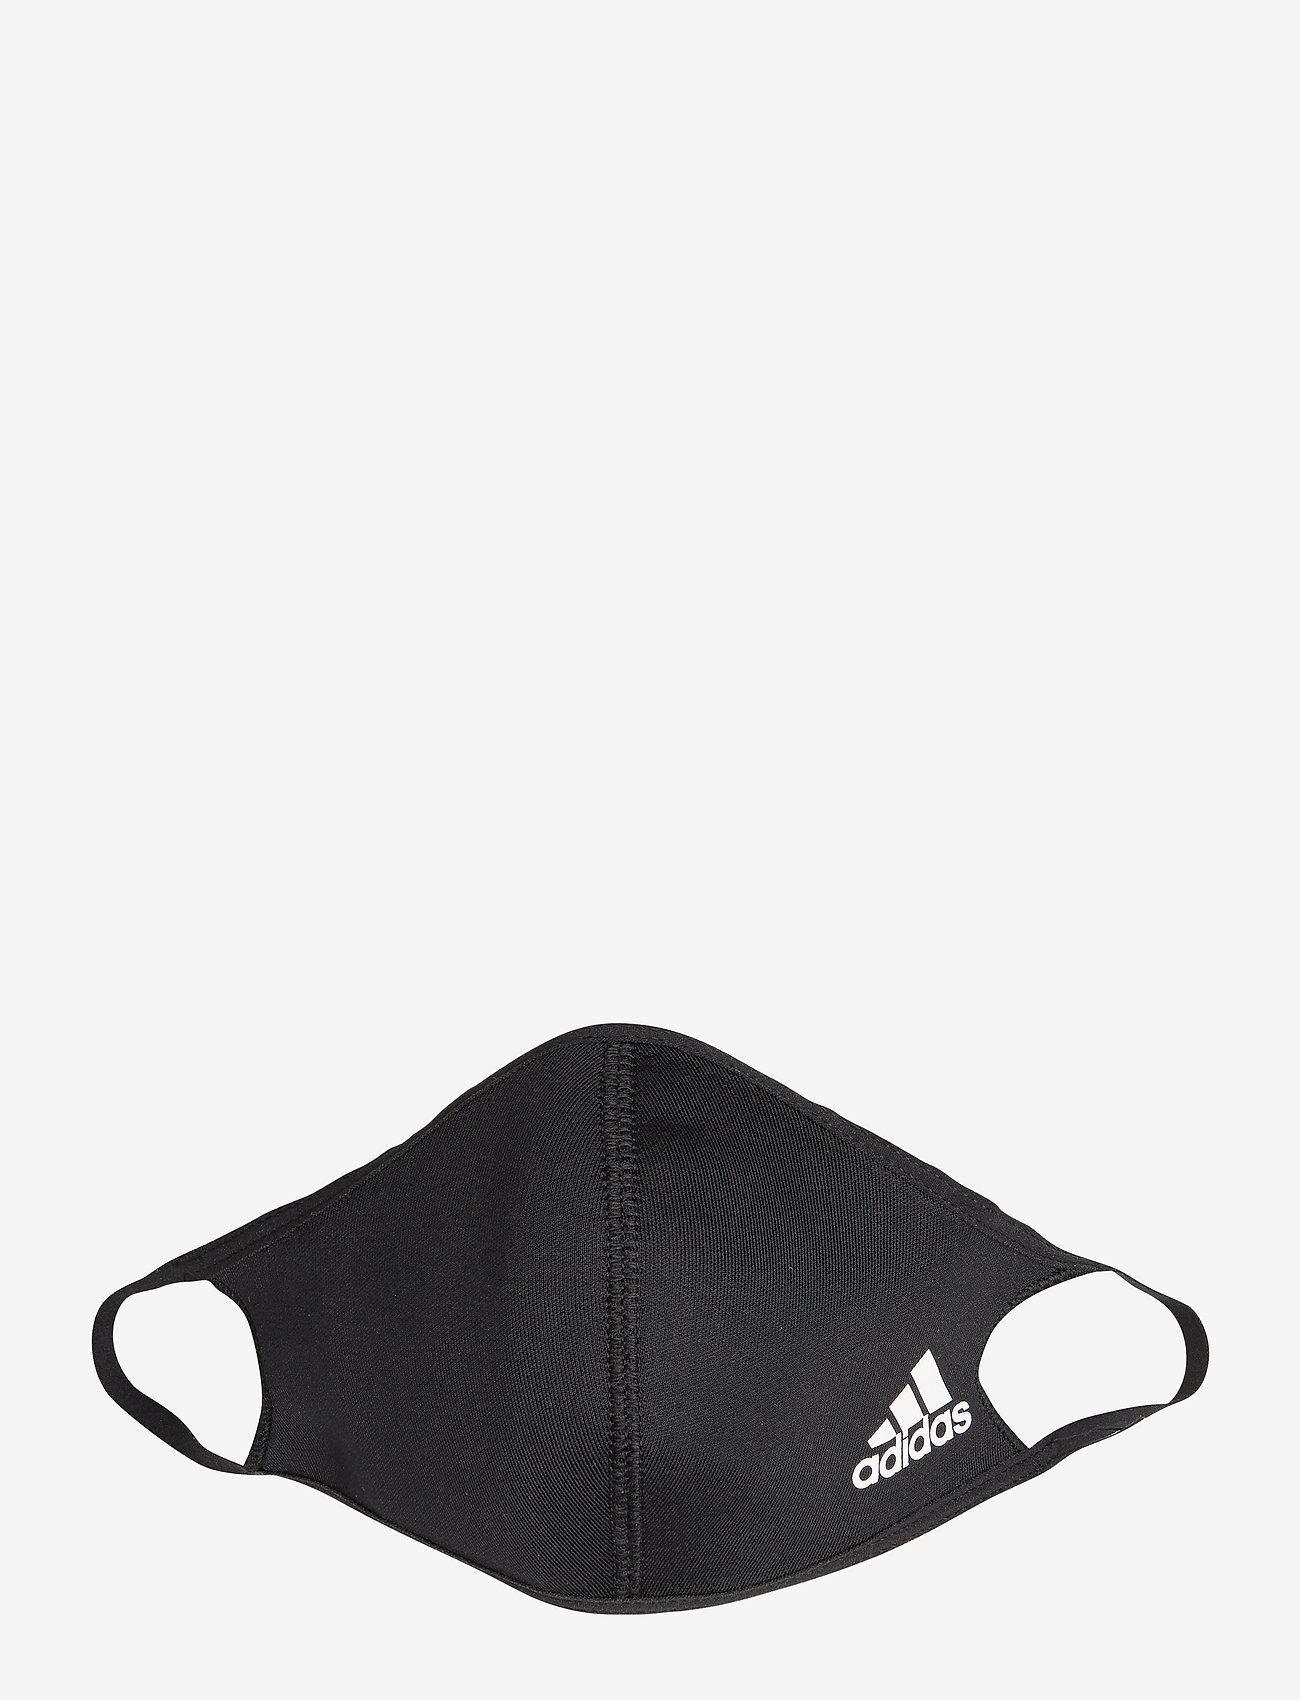 adidas Performance - FACE CVR SMALL - ansiktsmasker - black - 1